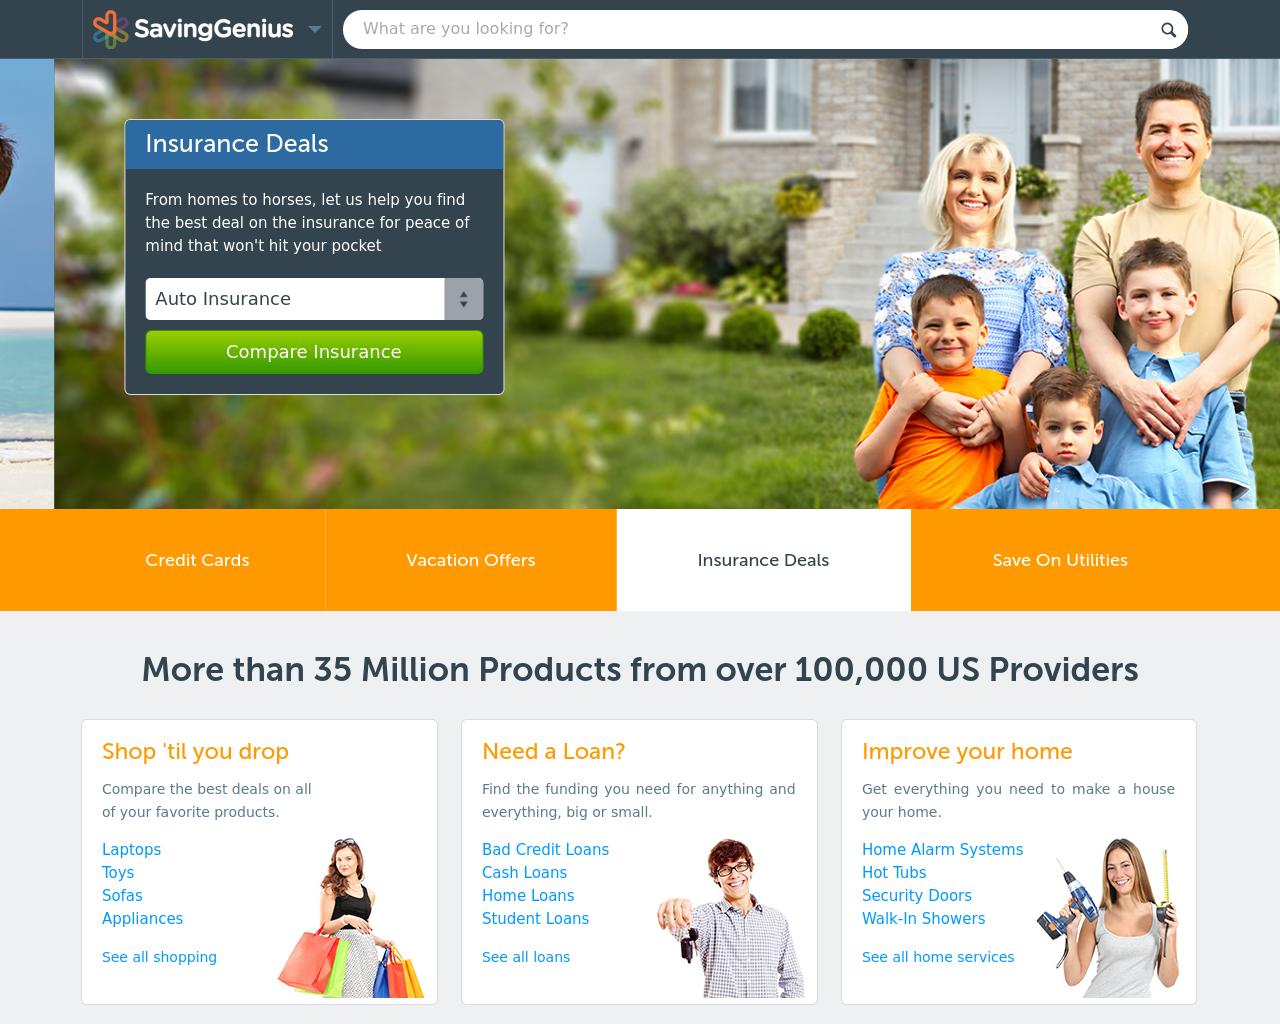 SavingGenius-Advertising-Reviews-Pricing